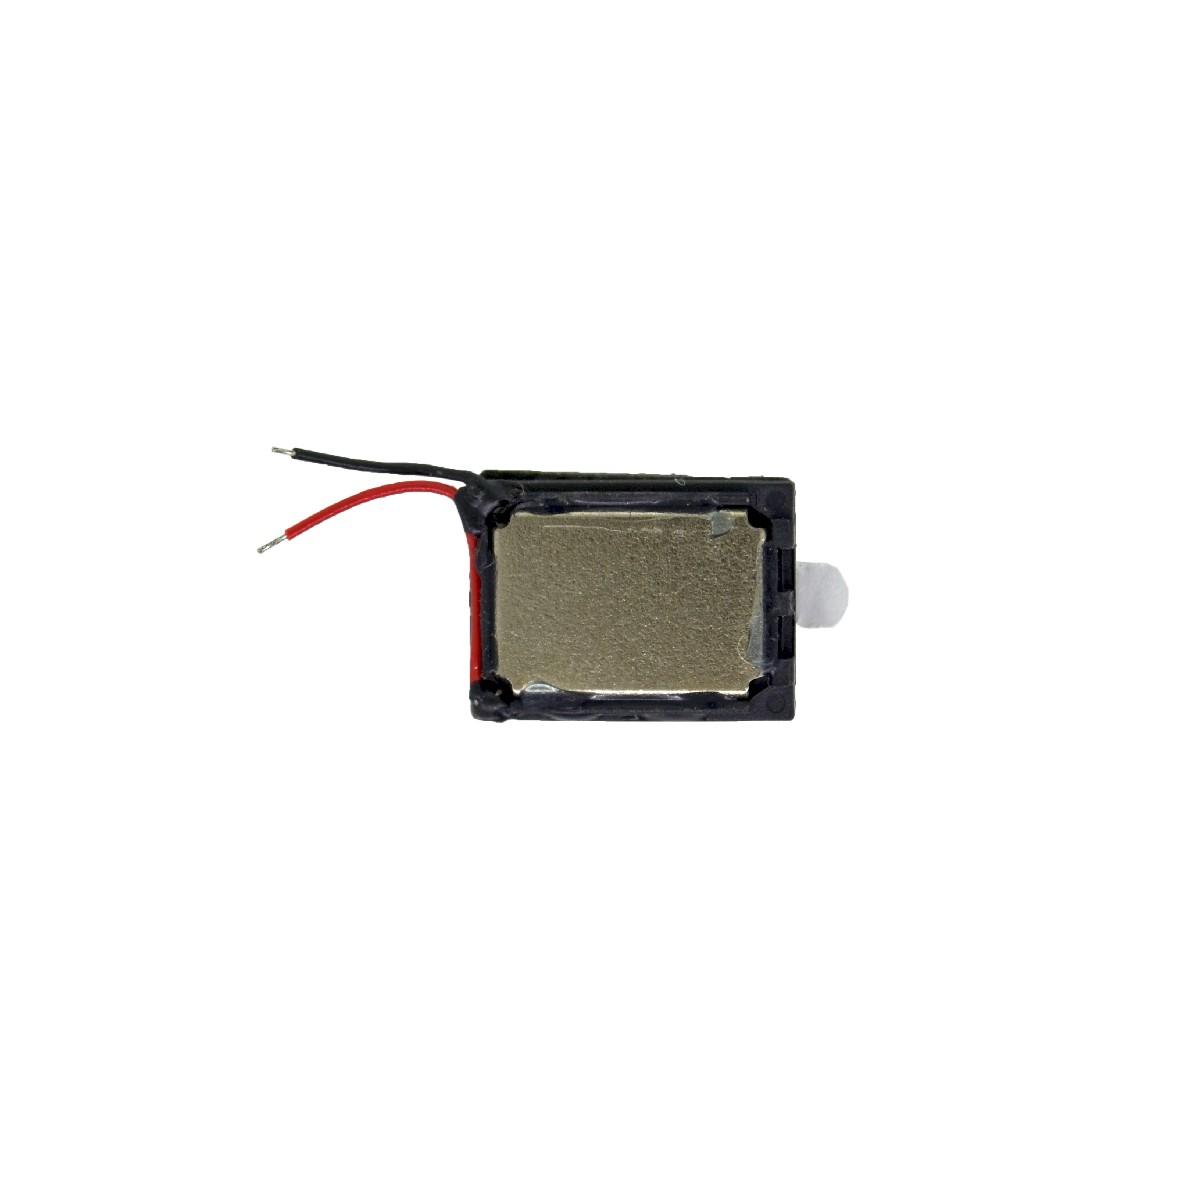 Buzzer Universal για Κινητά - Tablet 1.5X1.1X0.3 cm OEM